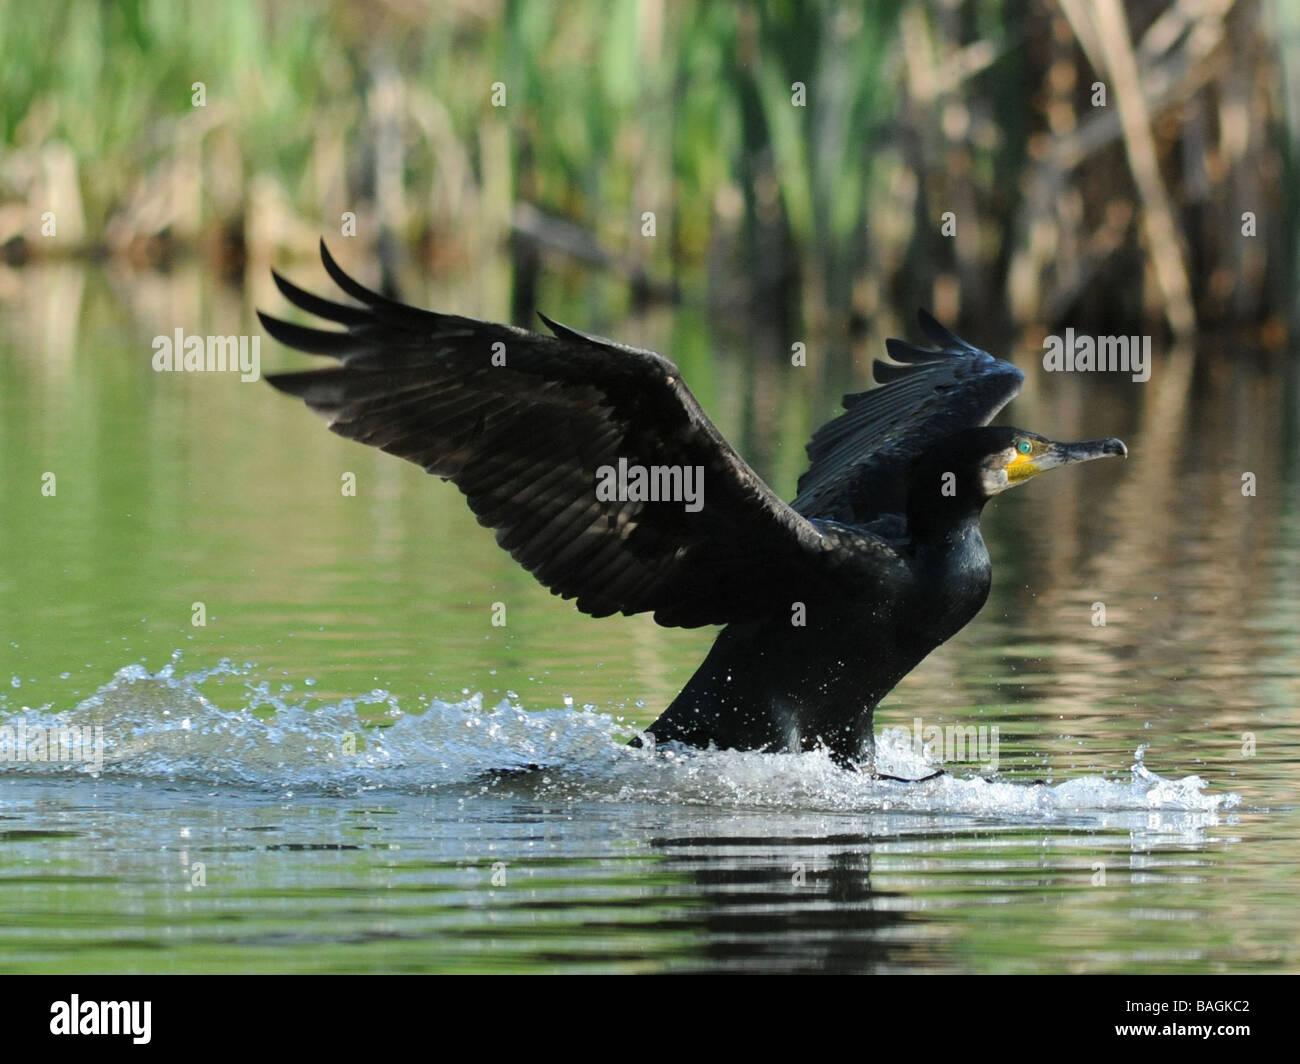 Un cormorano o shag arrivando in terra, home a roost. Immagini Stock